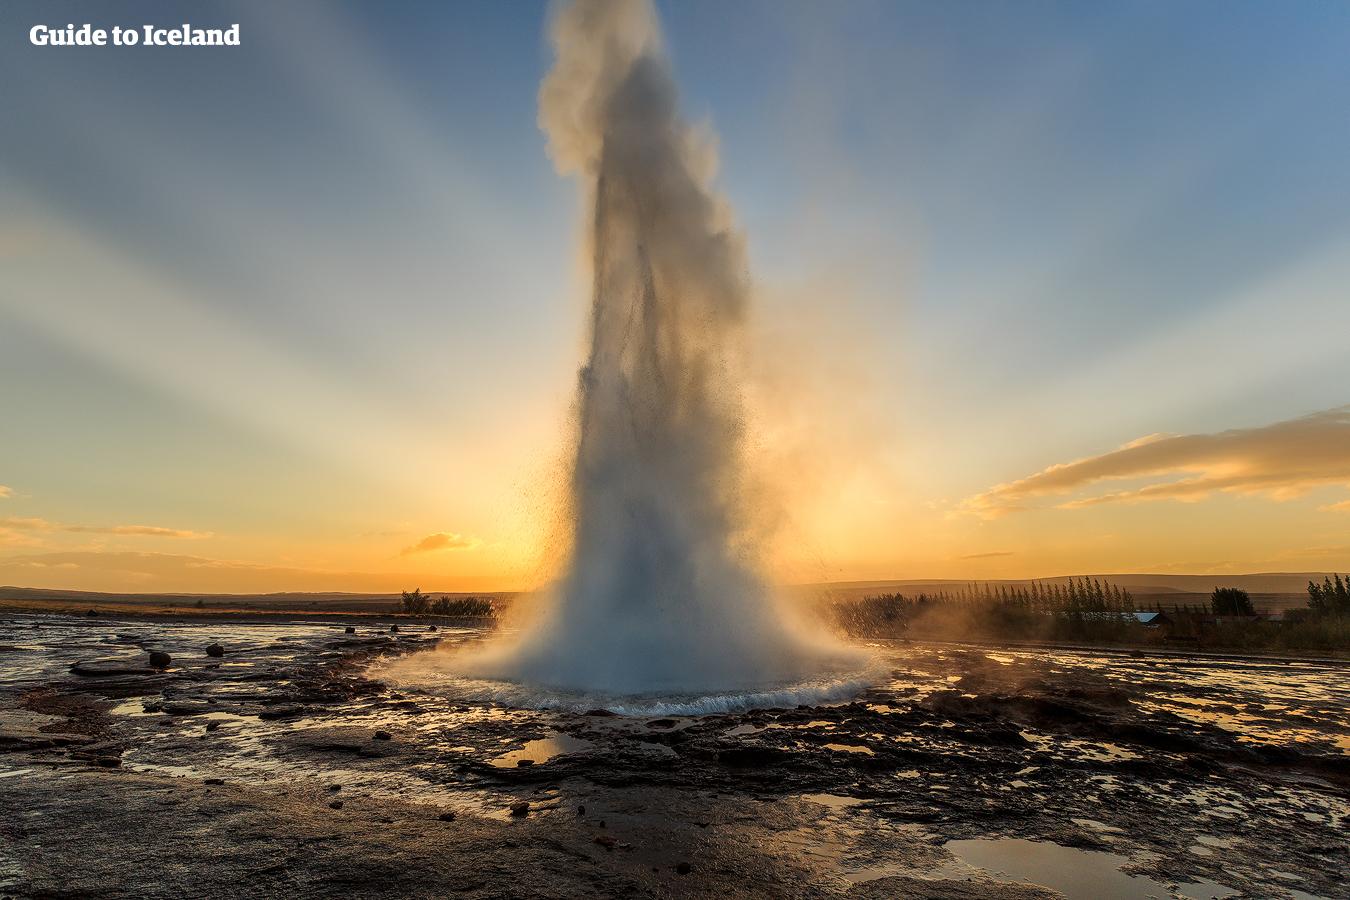 El sol de medianoche ilumina las noches en Islandia para que puedas visitar el Círculo Dorado por la tarde en tu tour en coche.